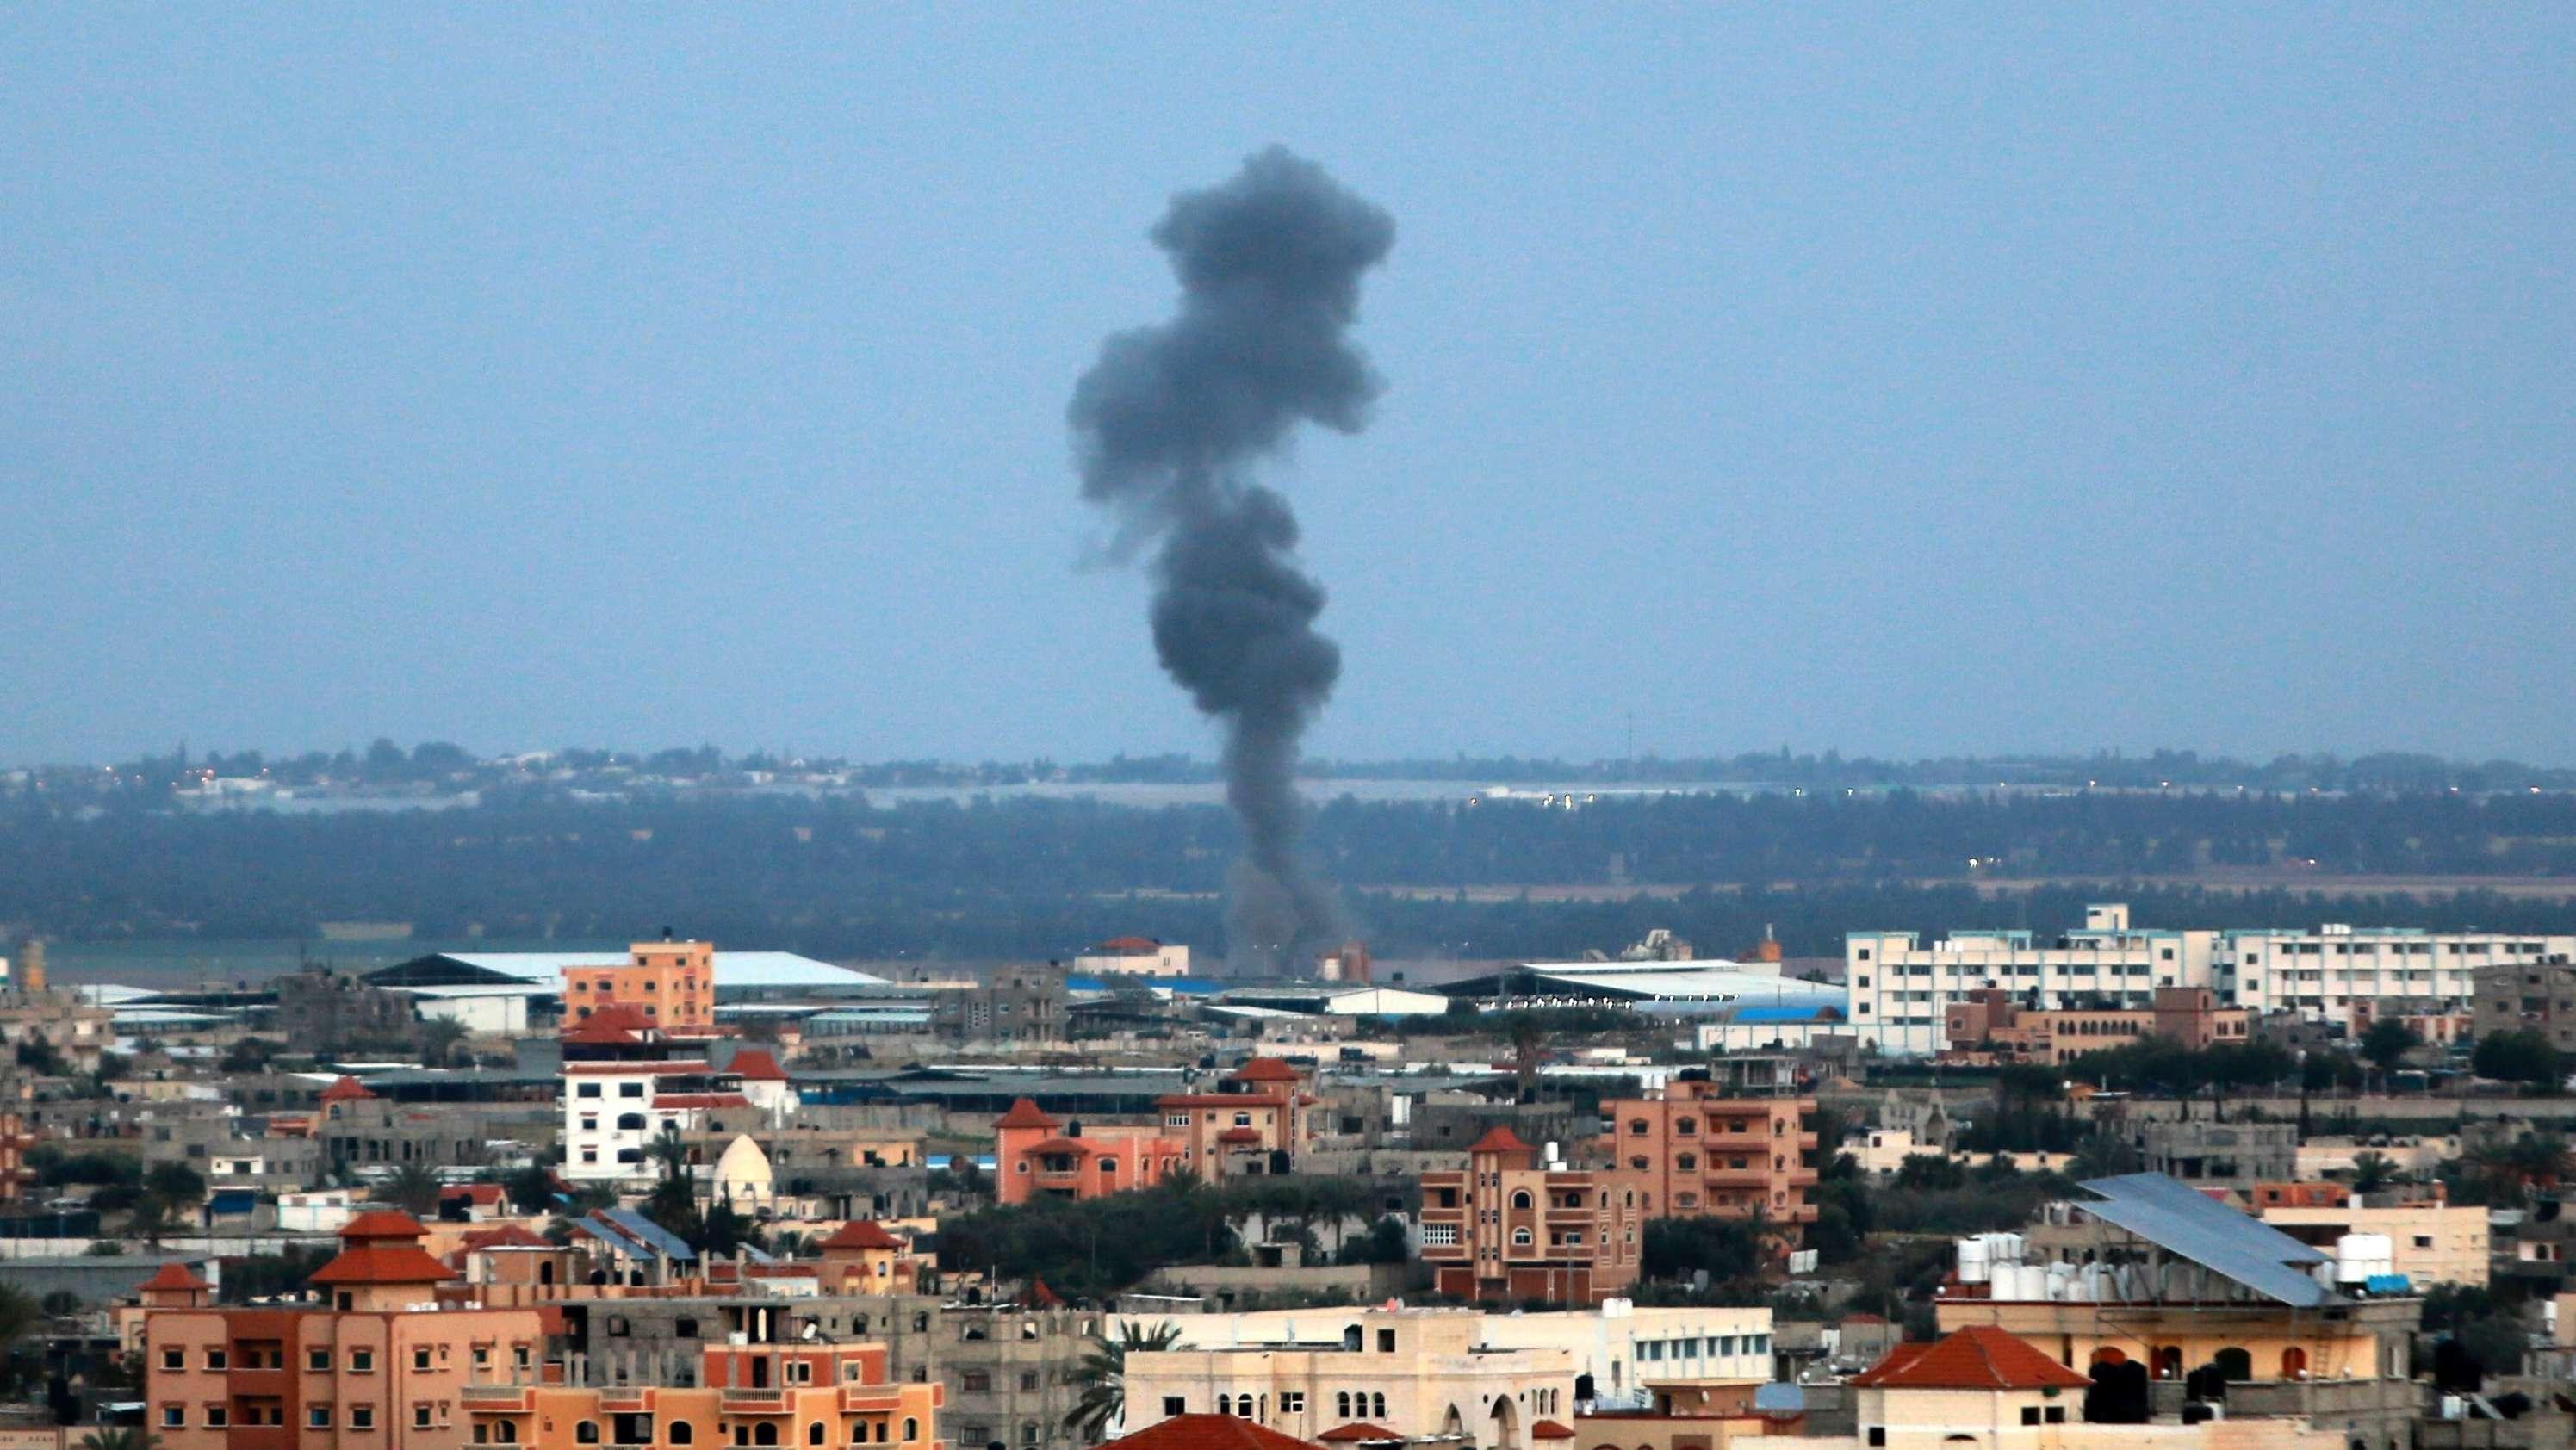 Rauch steigt auf nach einem Angriff israelischer Kampfjets am 25. März im Gazastreifen.